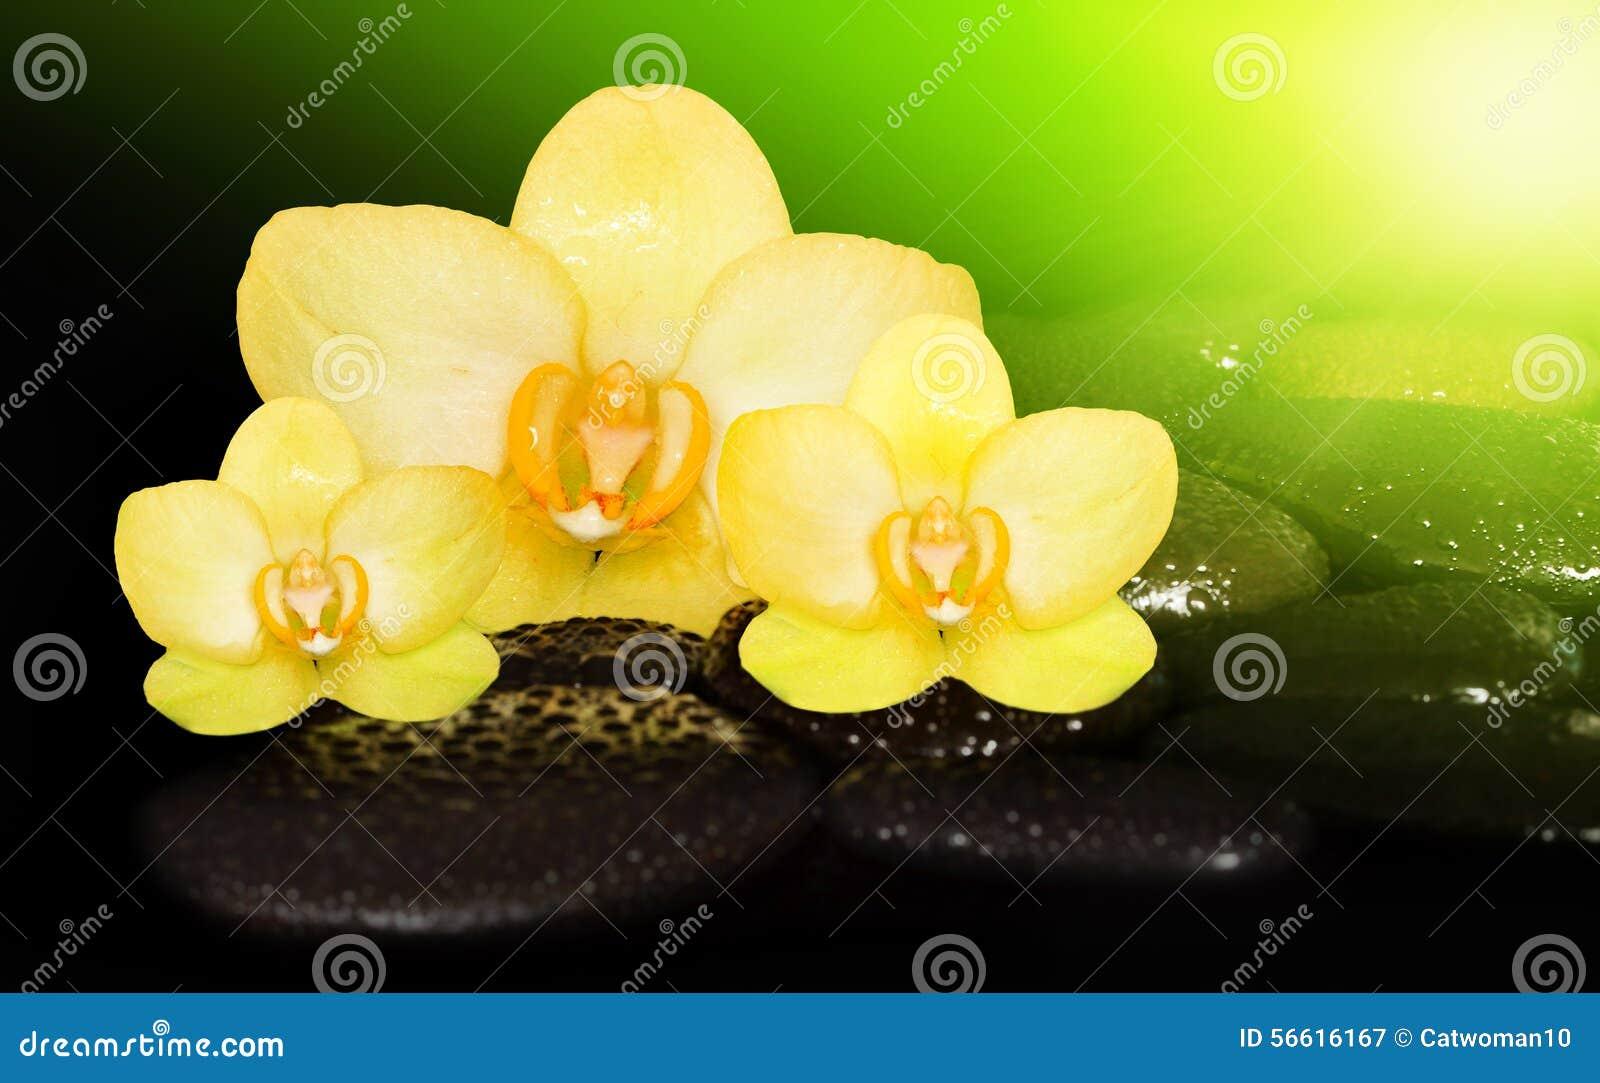 Orquidea De La Flor Y Piedras Negras Imagen De Archivo Imagen De